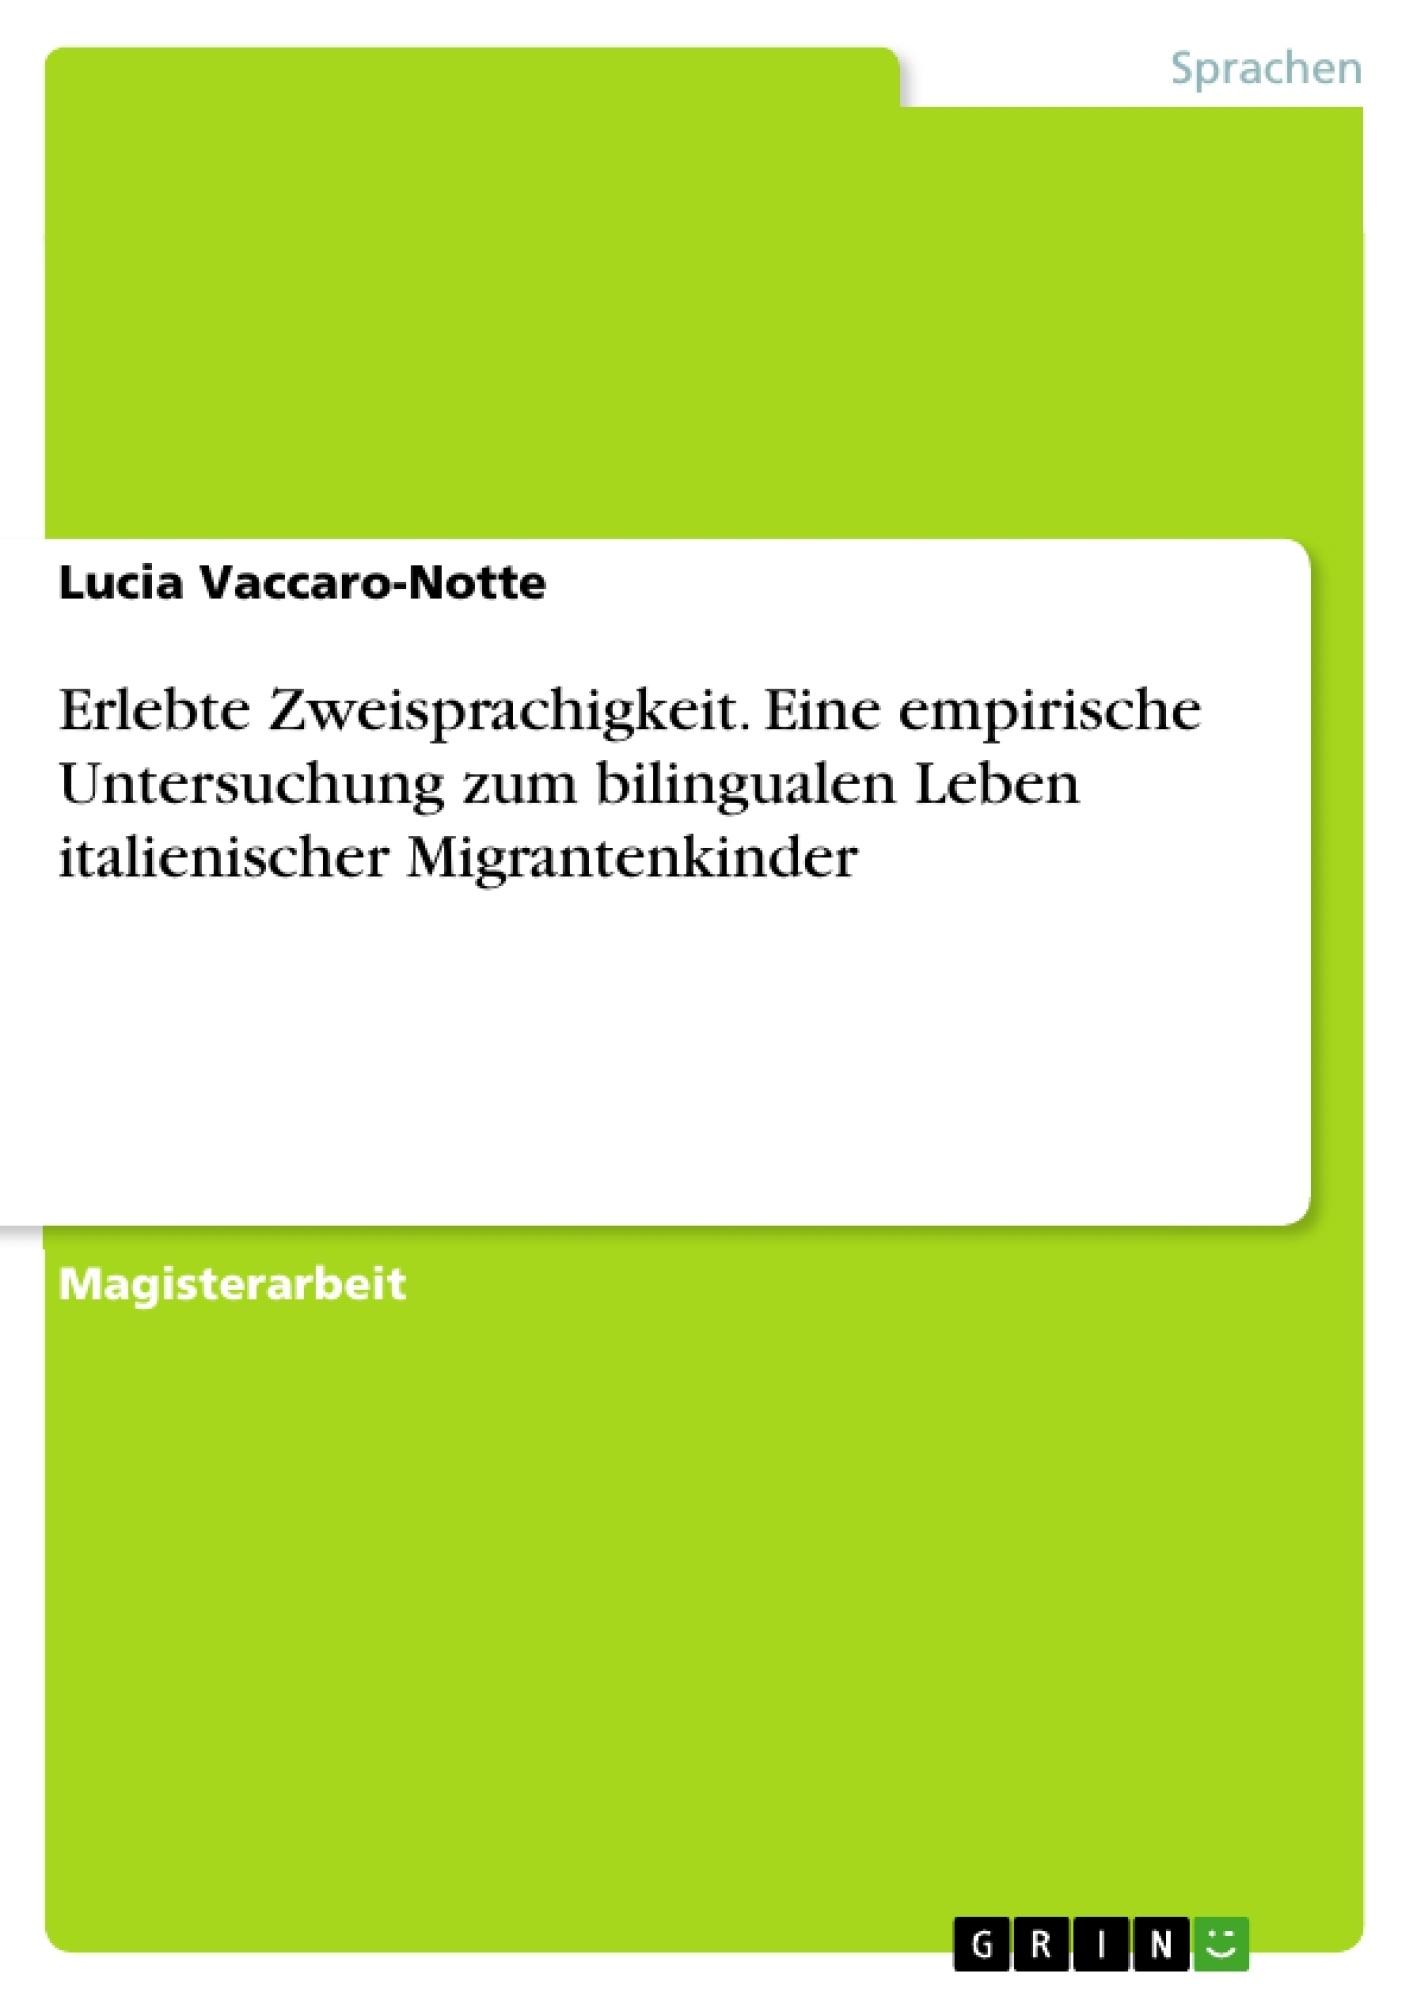 Titel: Erlebte Zweisprachigkeit. Eine empirische Untersuchung zum bilingualen Leben italienischer Migrantenkinder